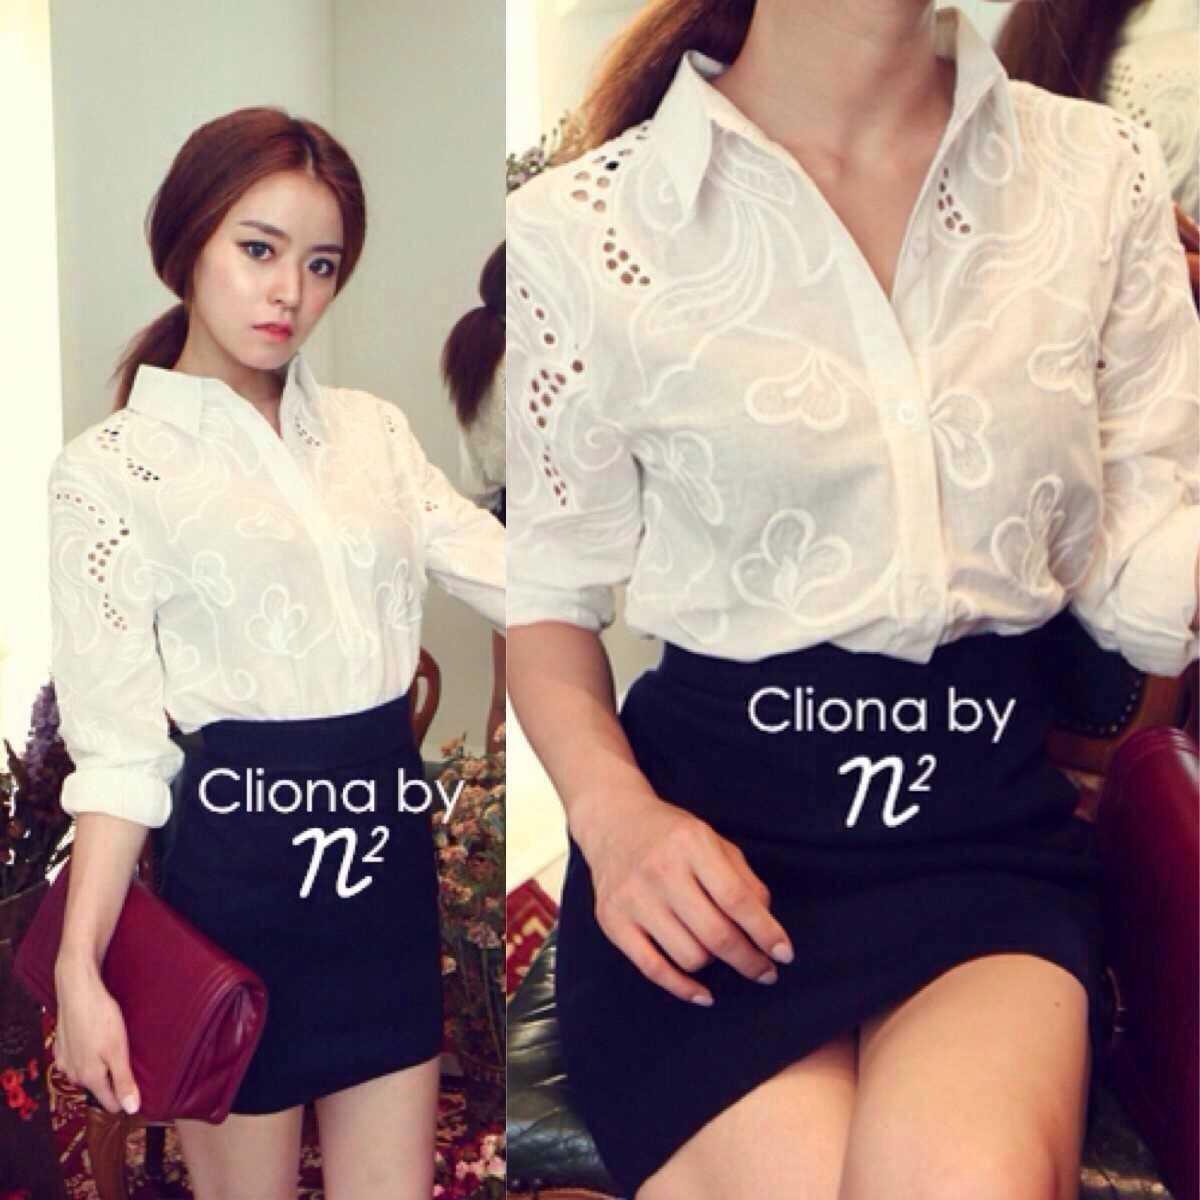 Cliona White Collar Embroidery Shirt เสื้อปกเชิ้ต ฉลุลายผ้า ปักลายดอกไม้